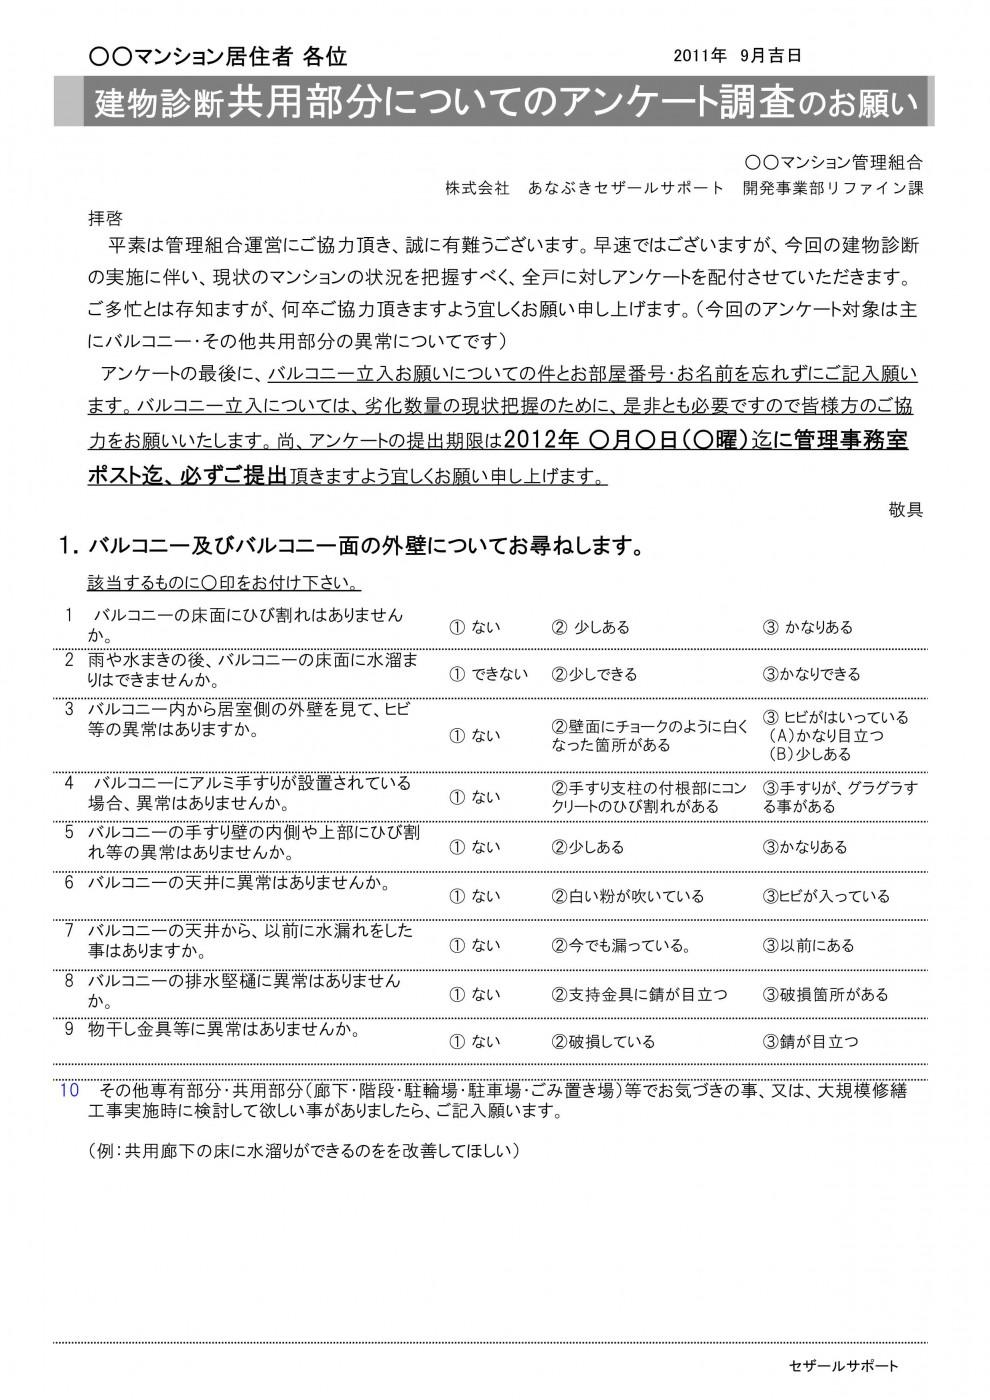 ★セザールアンケート_1